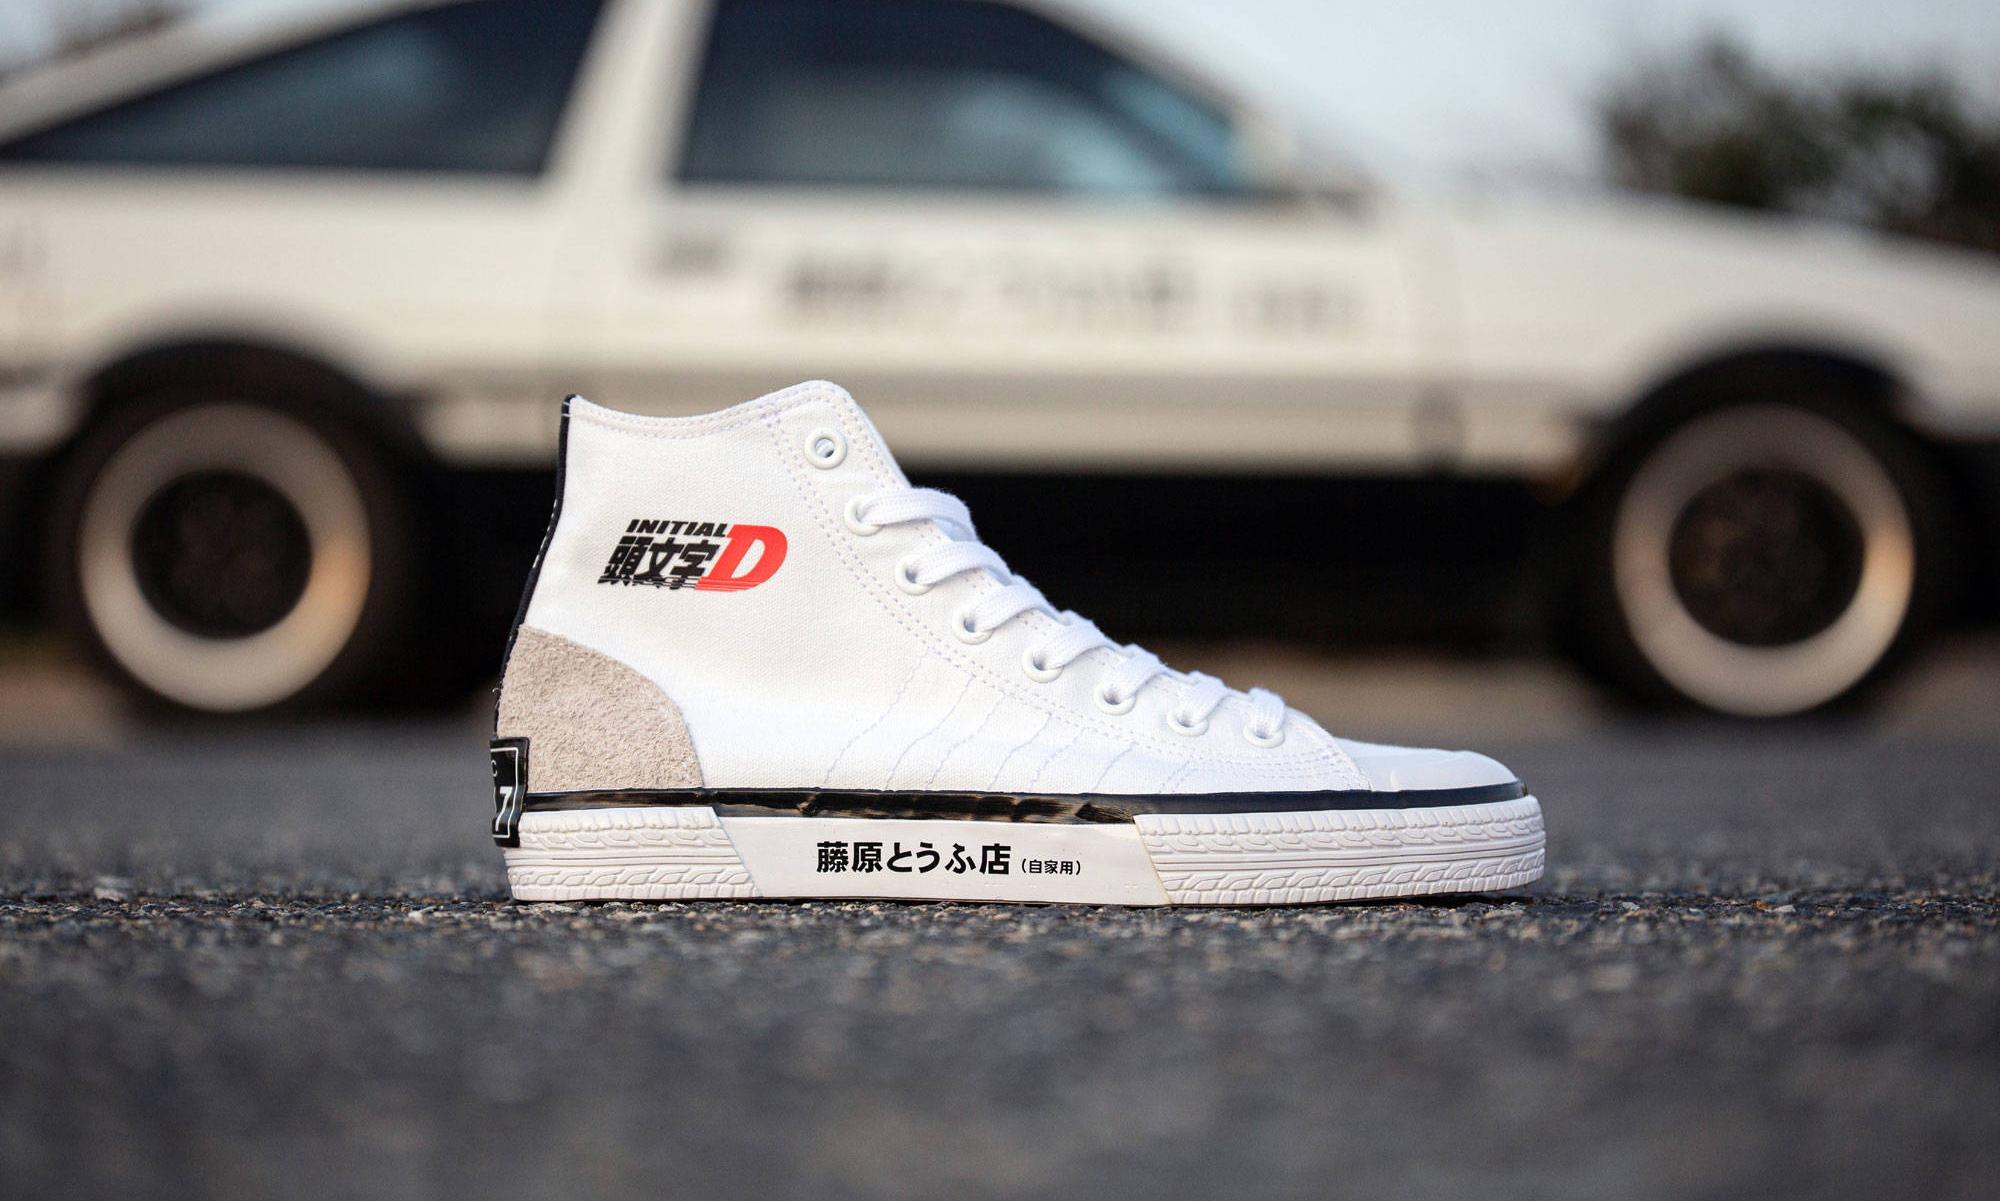 BAIT 携手 adidas 推出《头文字D》主题 Nizza Hi 鞋款